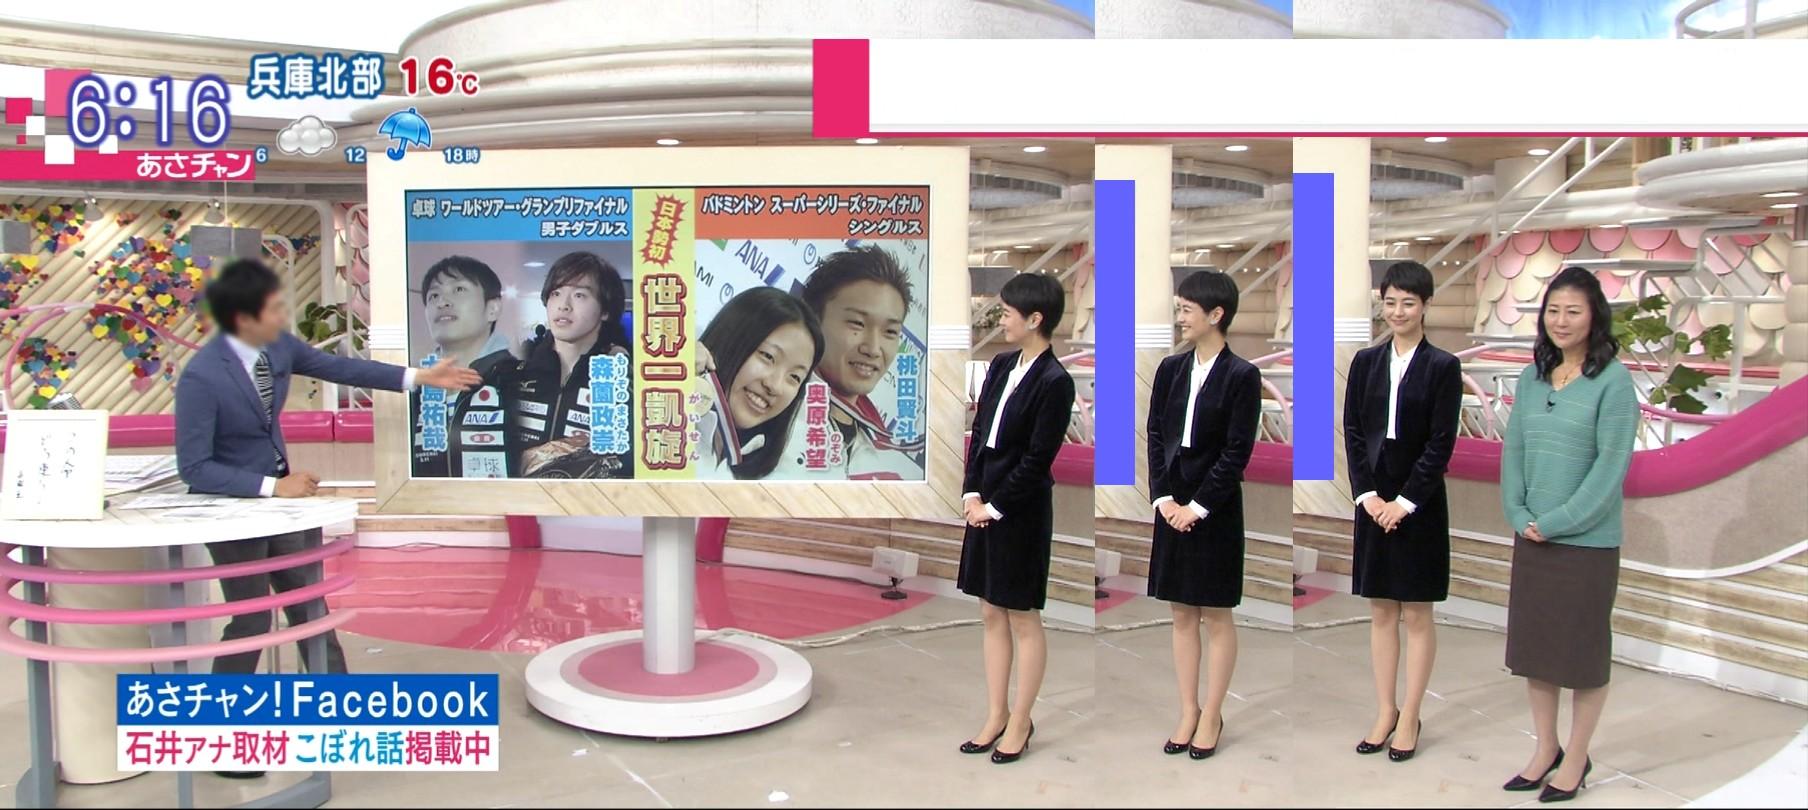 yukikax com free image 3 yukikax com free image 4 yukikax com free hot girls wallpaper. Black Bedroom Furniture Sets. Home Design Ideas